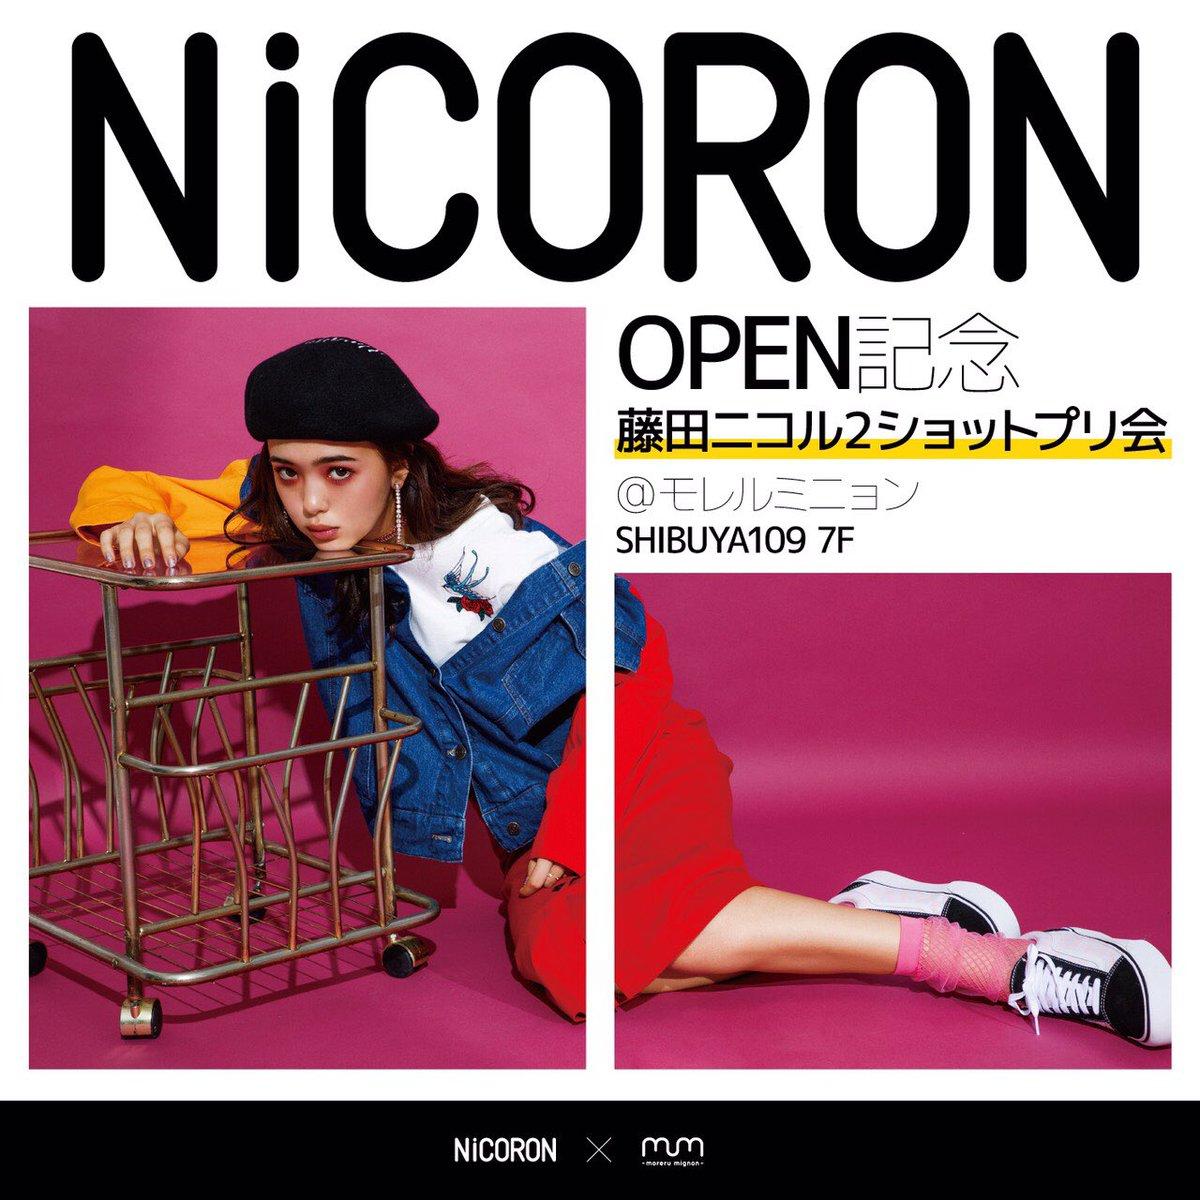 NiCORONのオープンを記念してのオープンの日にNiCORONでのレシートとモ...